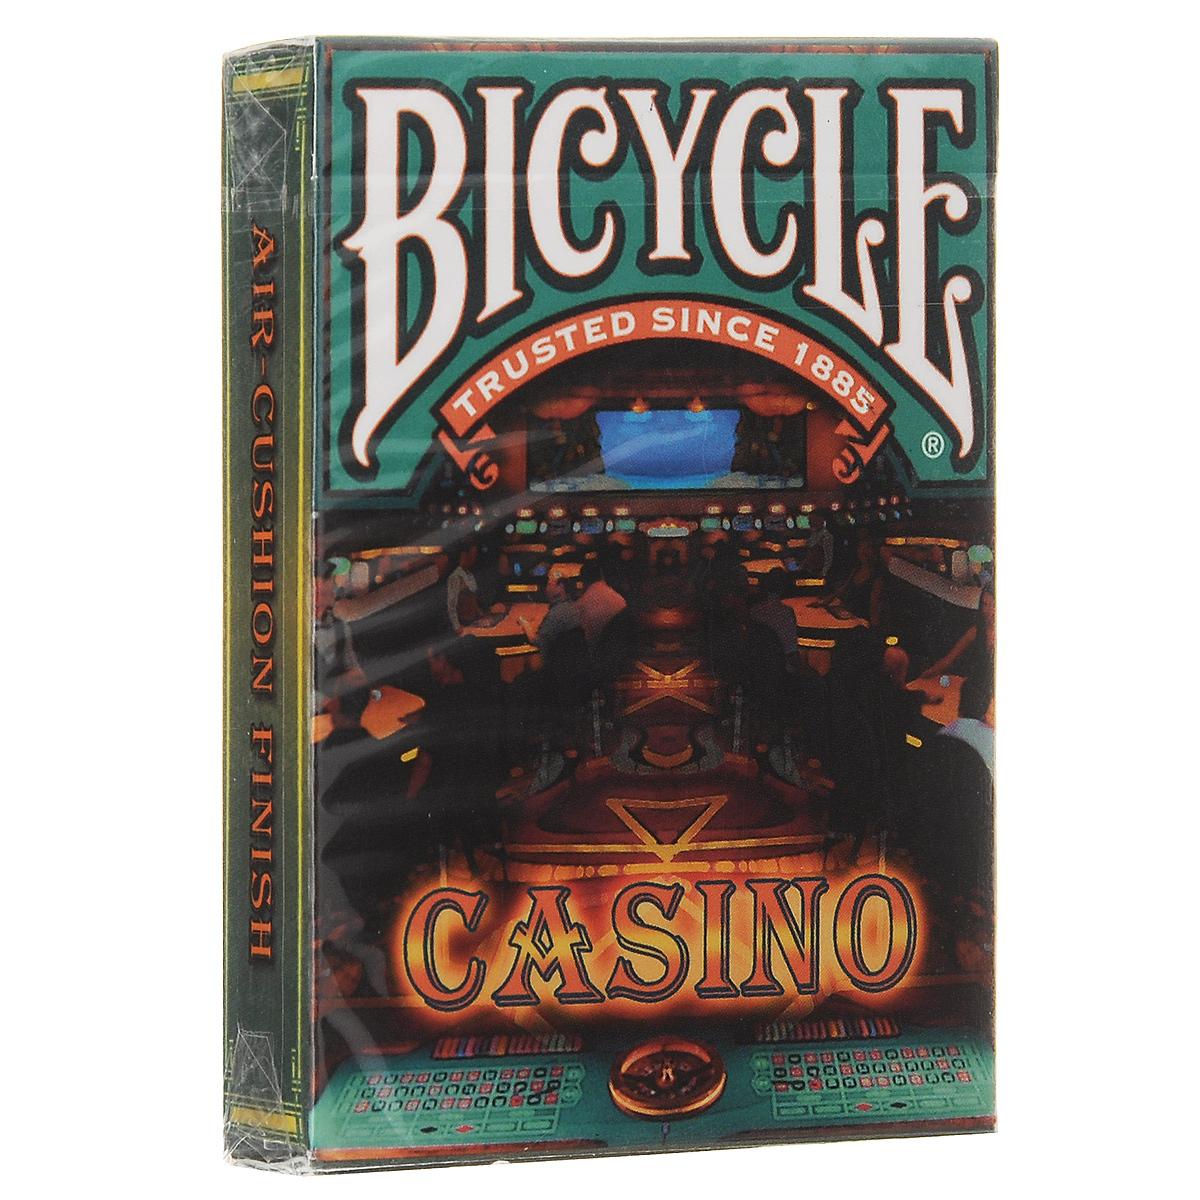 Игральные карты Bicycle Casino, цвет: зеленый, коричневыйК-451Красочный дизайн колоды, с различными узорами окунет Вас в атмосферу азартных игр. Вы буквально почувствуете, что находитесь вечером в одном из казино Лас-Вегаса.